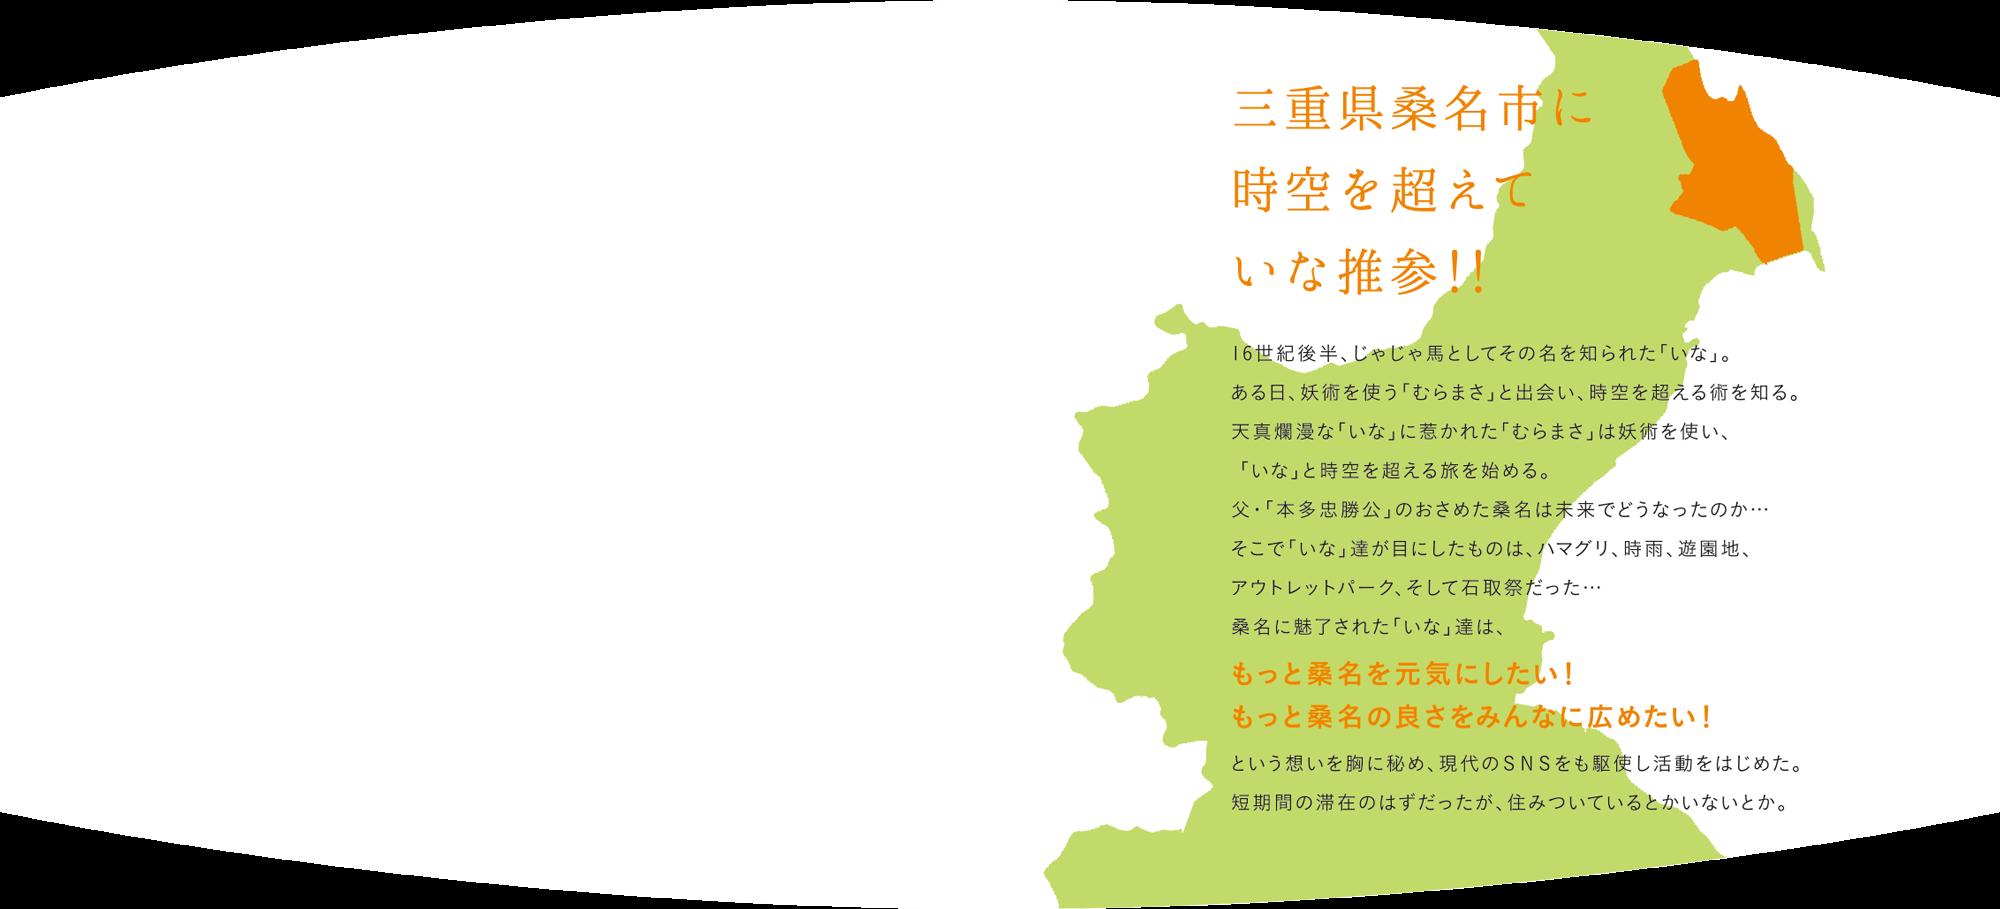 三重県桑名市に時空を超えて、いな推参!画像